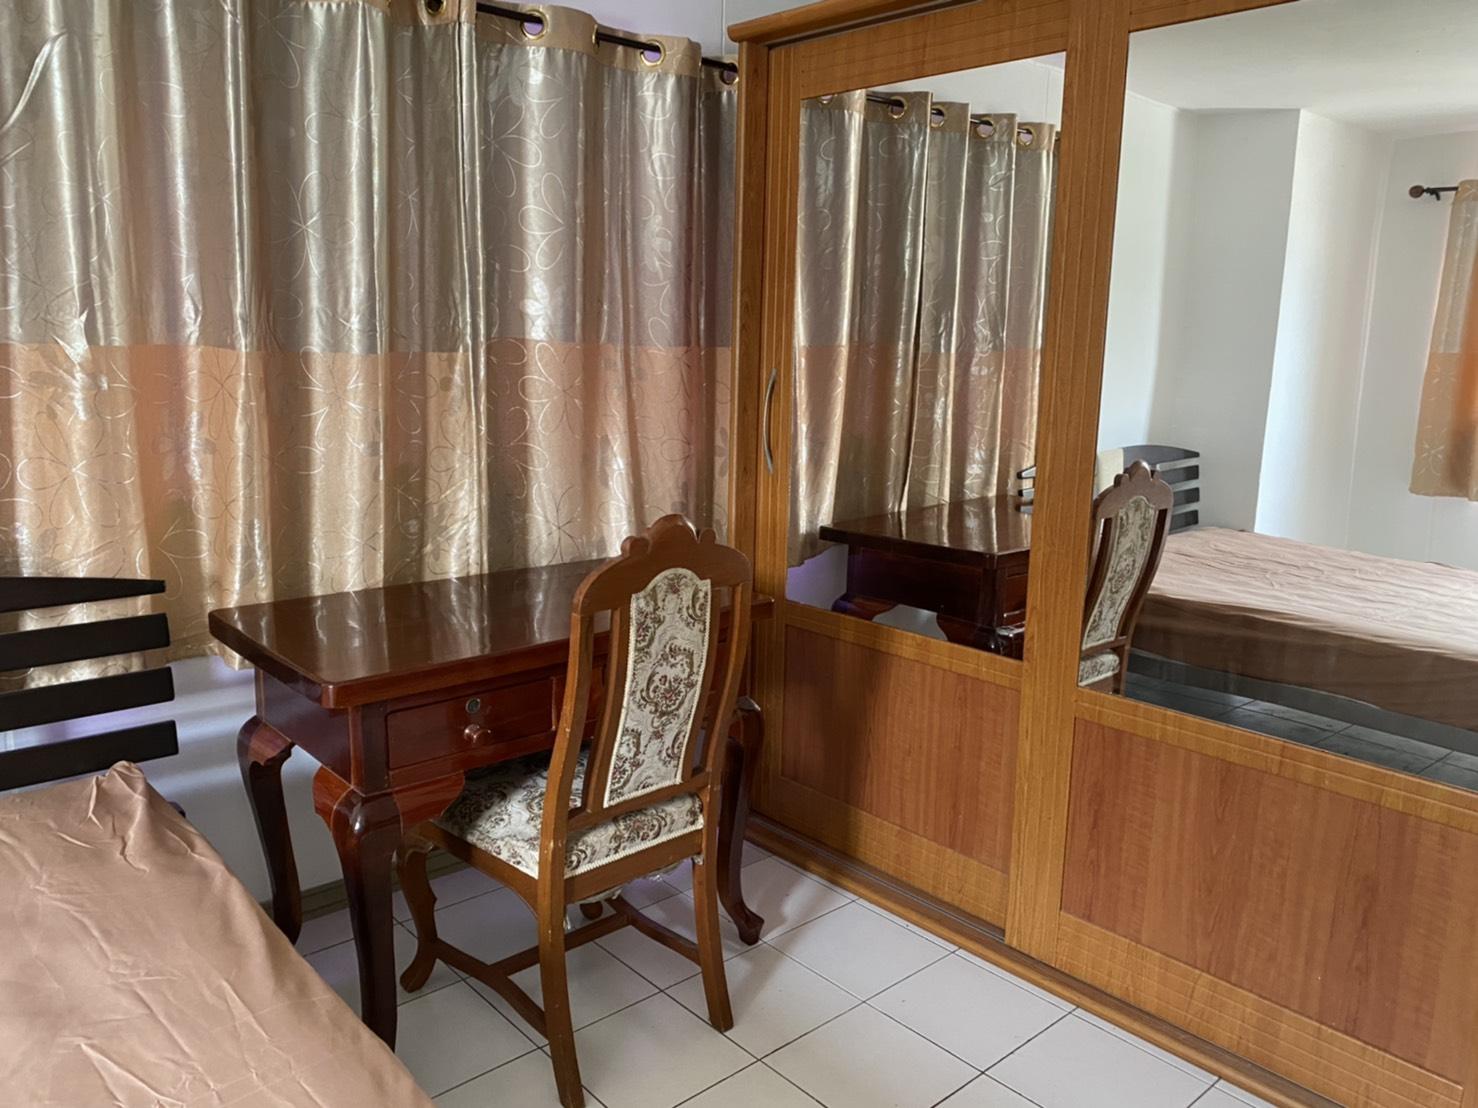 ภาพให้เช่าคอนโดติด ร.พ.เวชธานี ลาดพร้าว ซอย 111 ติดถนนใหญ่ ไม่ต้องเดินเข้าซอย ขนาด 27 ตรม ห้องแต่งใหม่